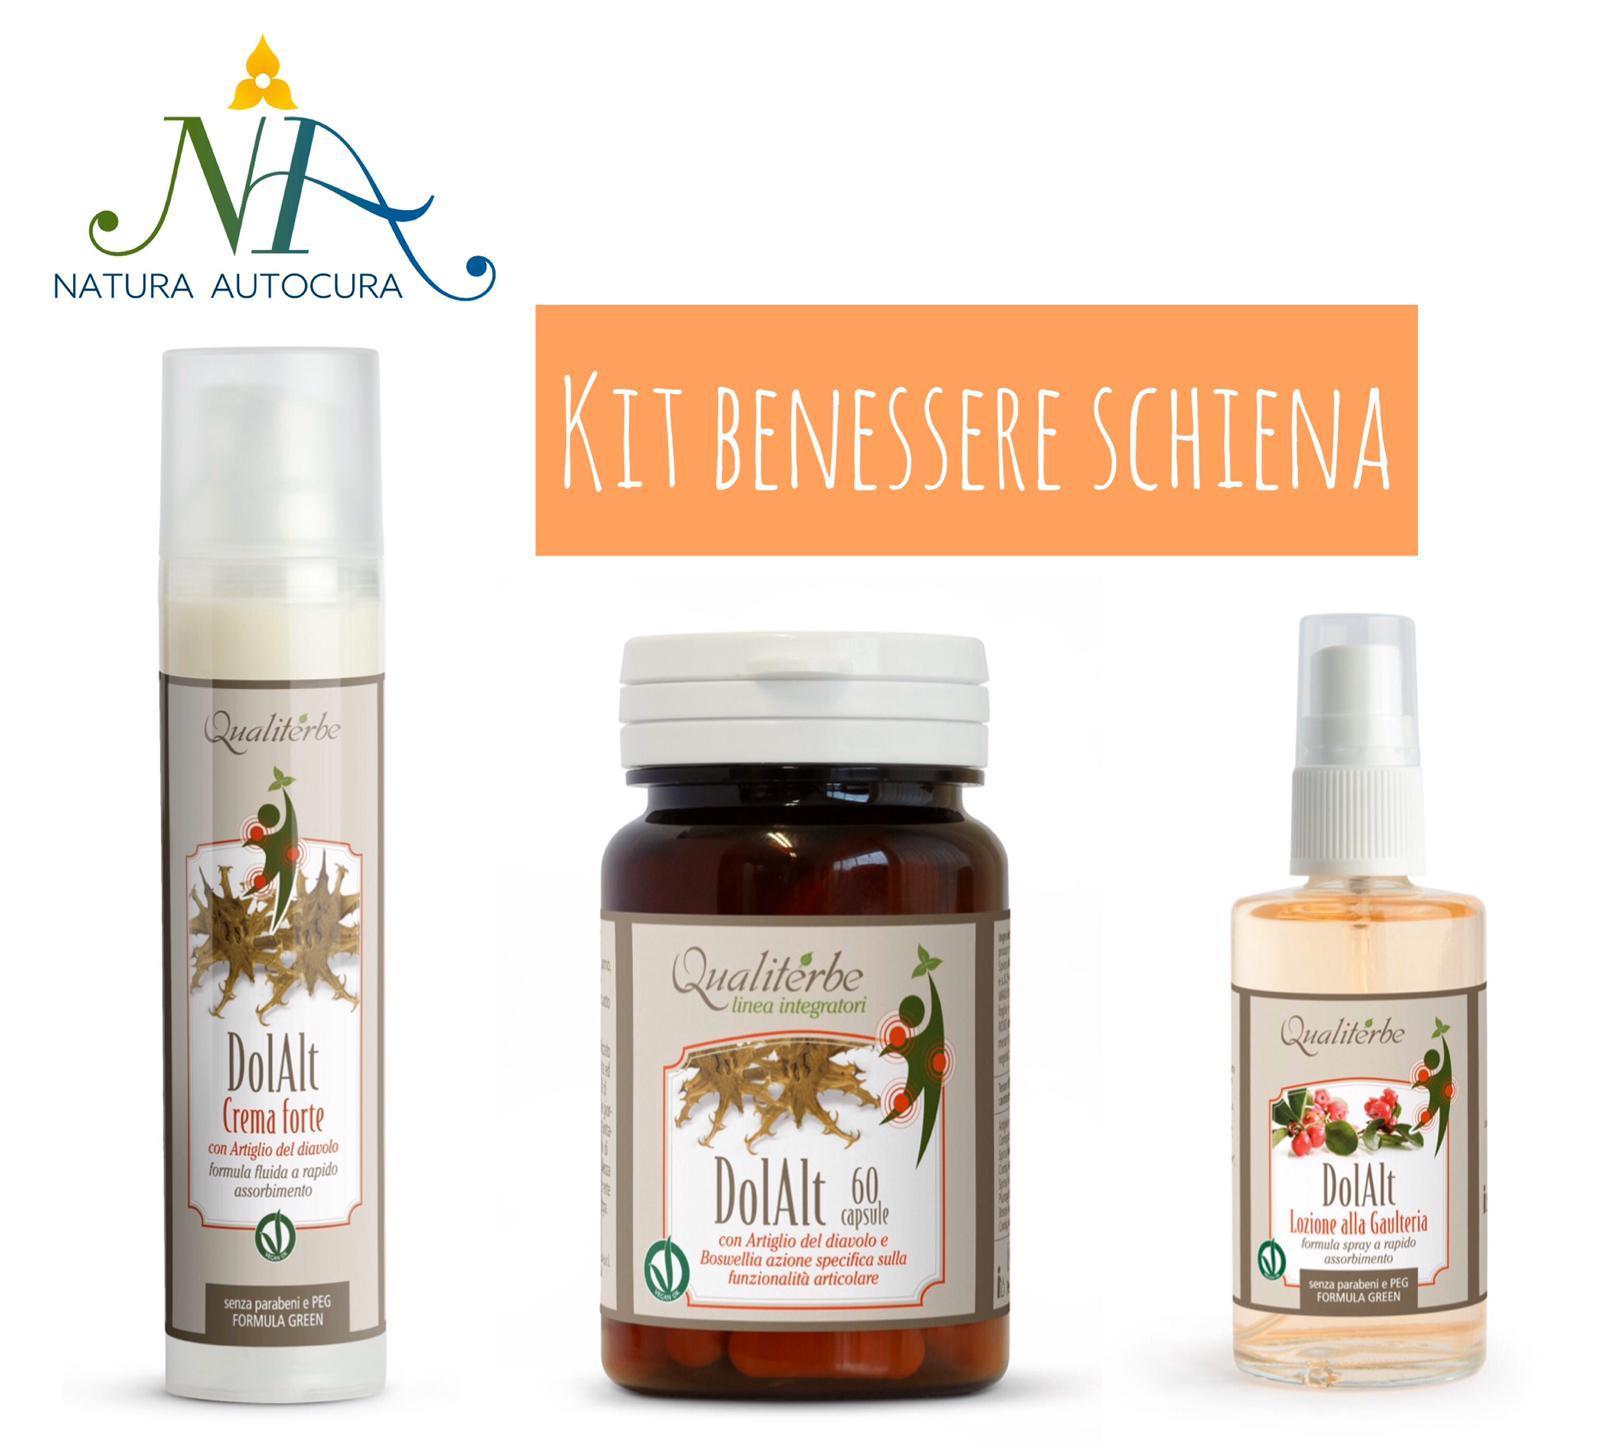 Kit Benessere Schiena Per Gruppo Naturautocura